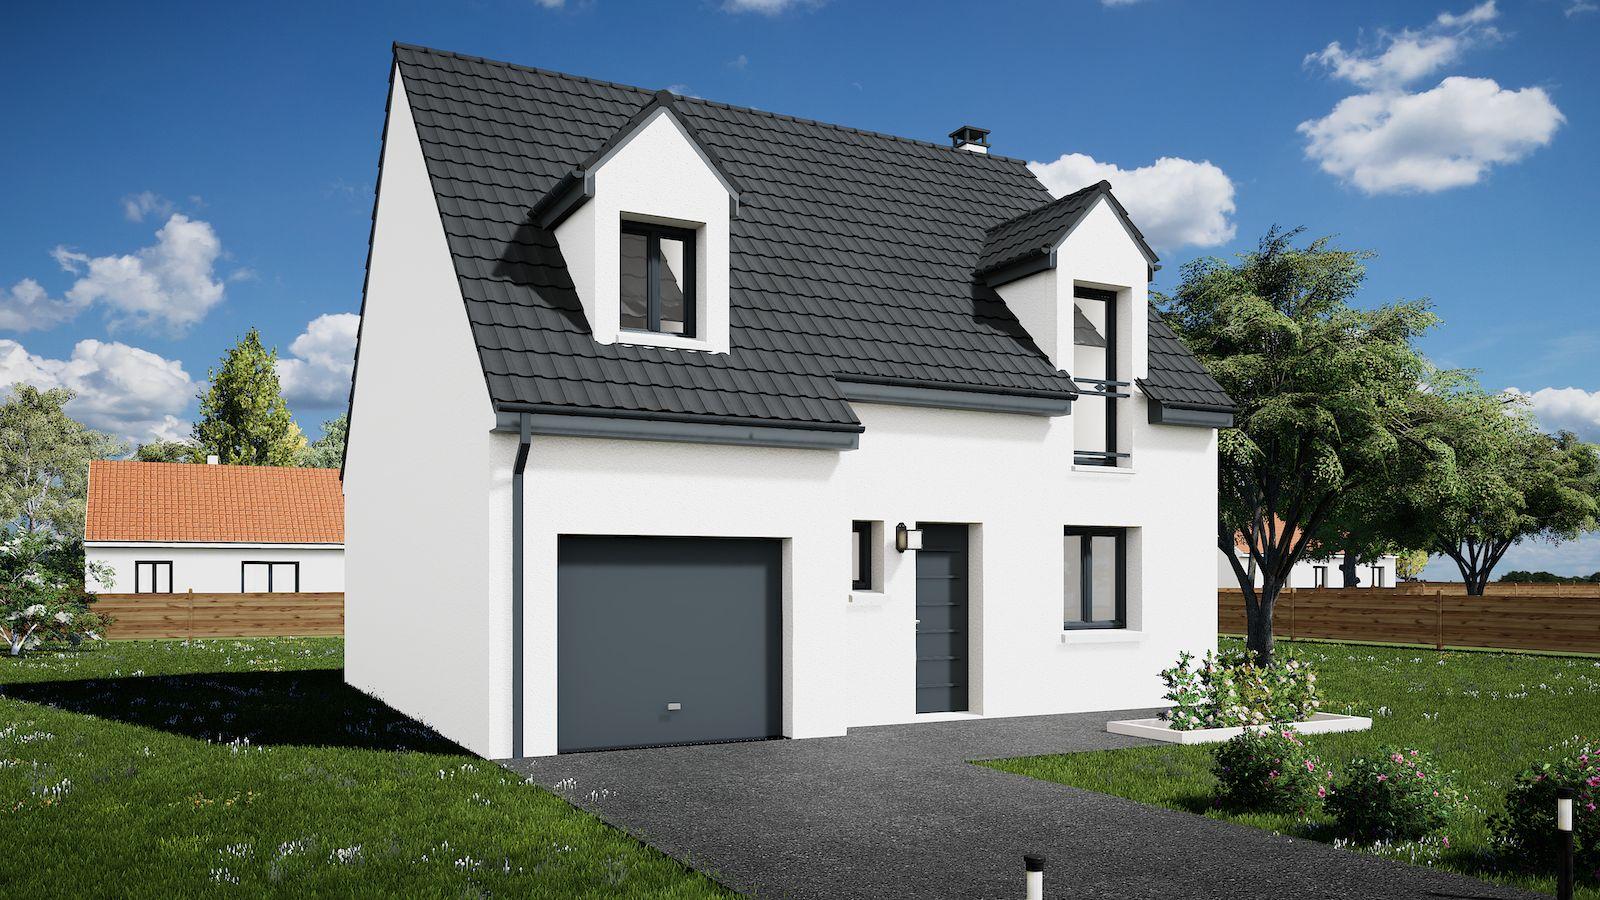 Maisons du constructeur MAISONS KERBEA • 85 m² • NANTEUIL LES MEAUX